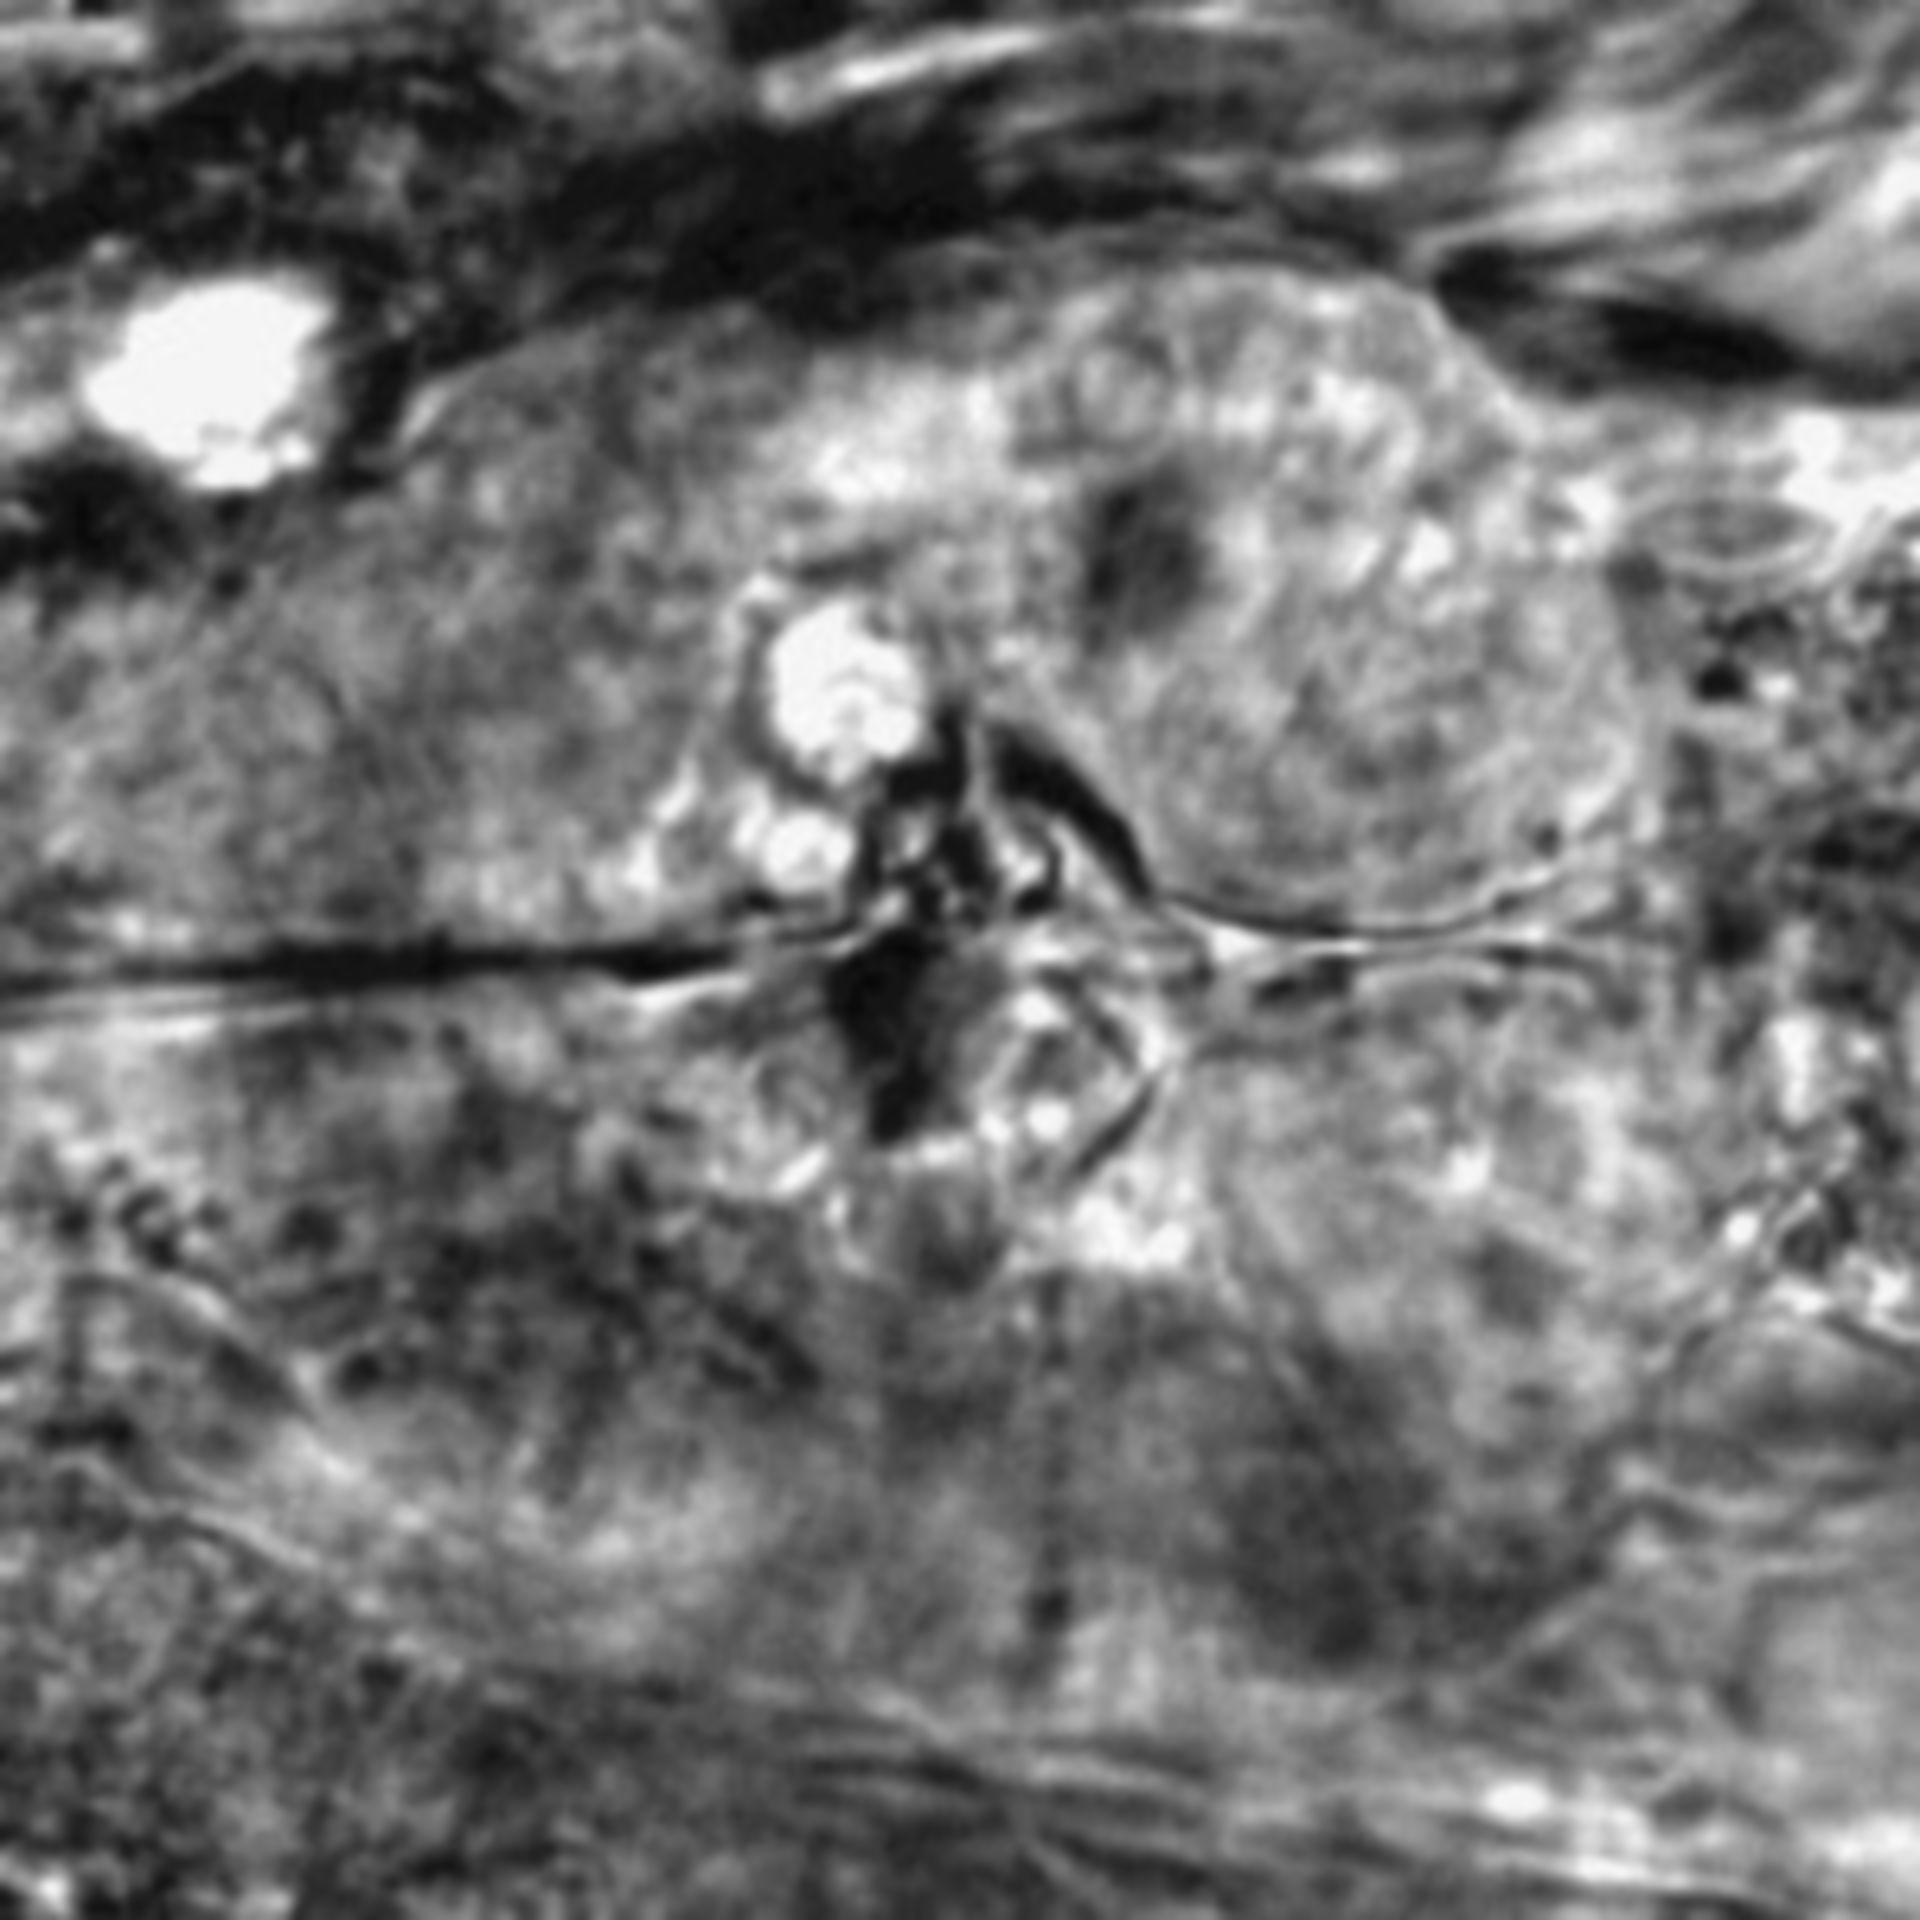 Caenorhabditis elegans - CIL:2698